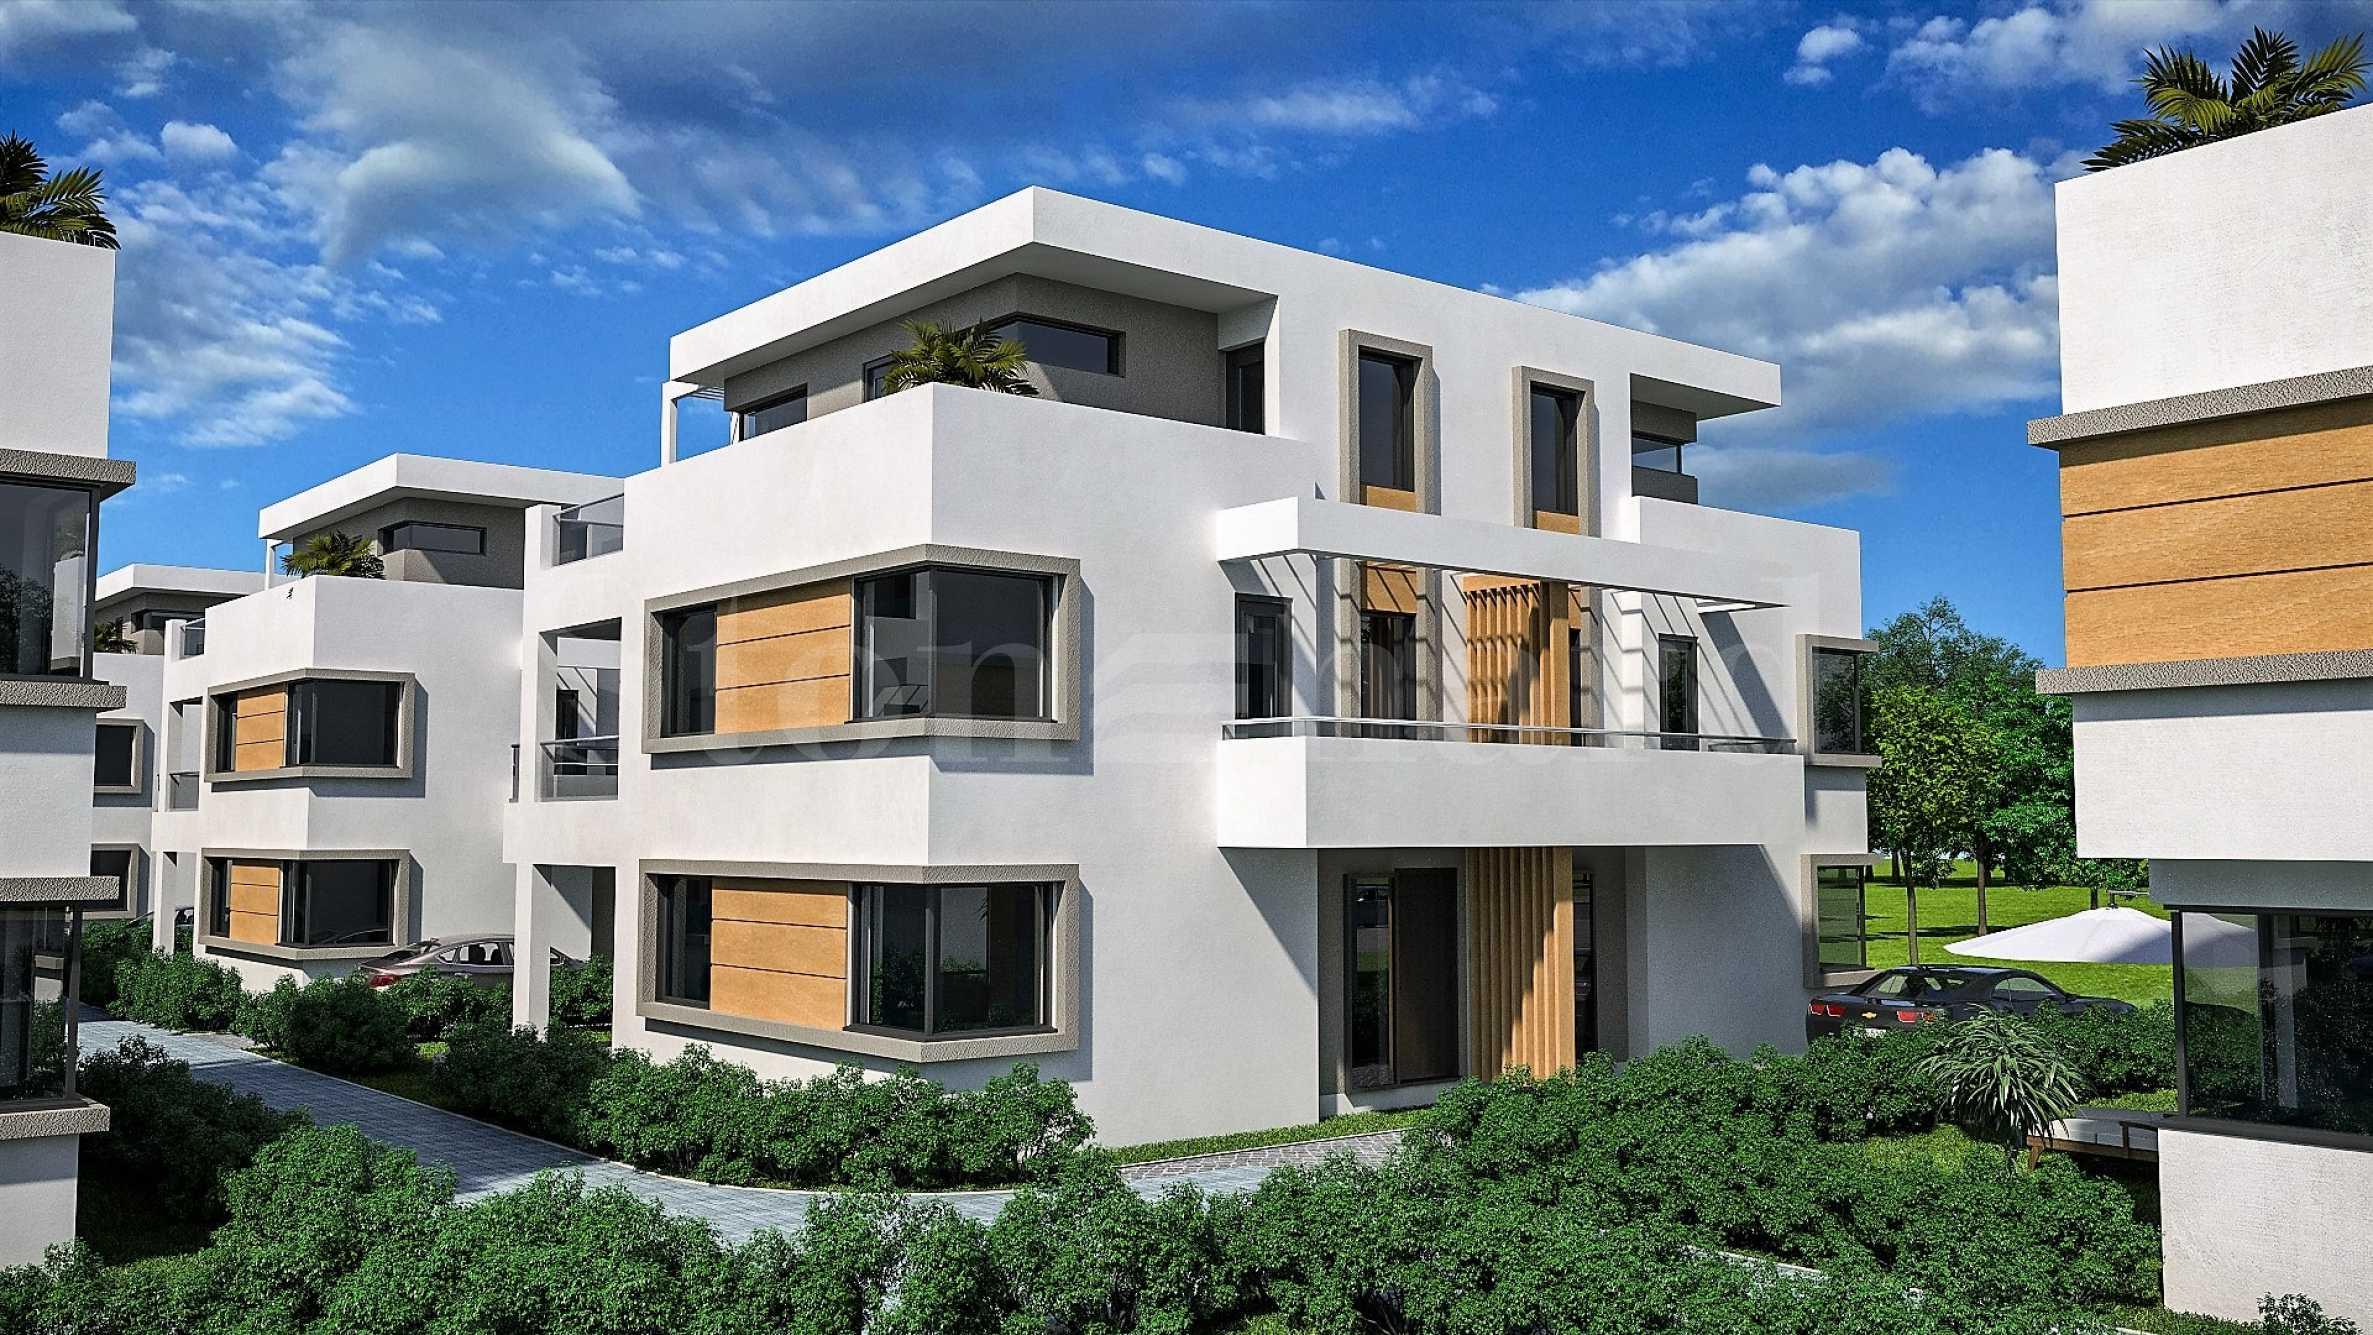 Модерни къщи с градини и паркоместа в елитния район на Сарафово2 - Stonehard